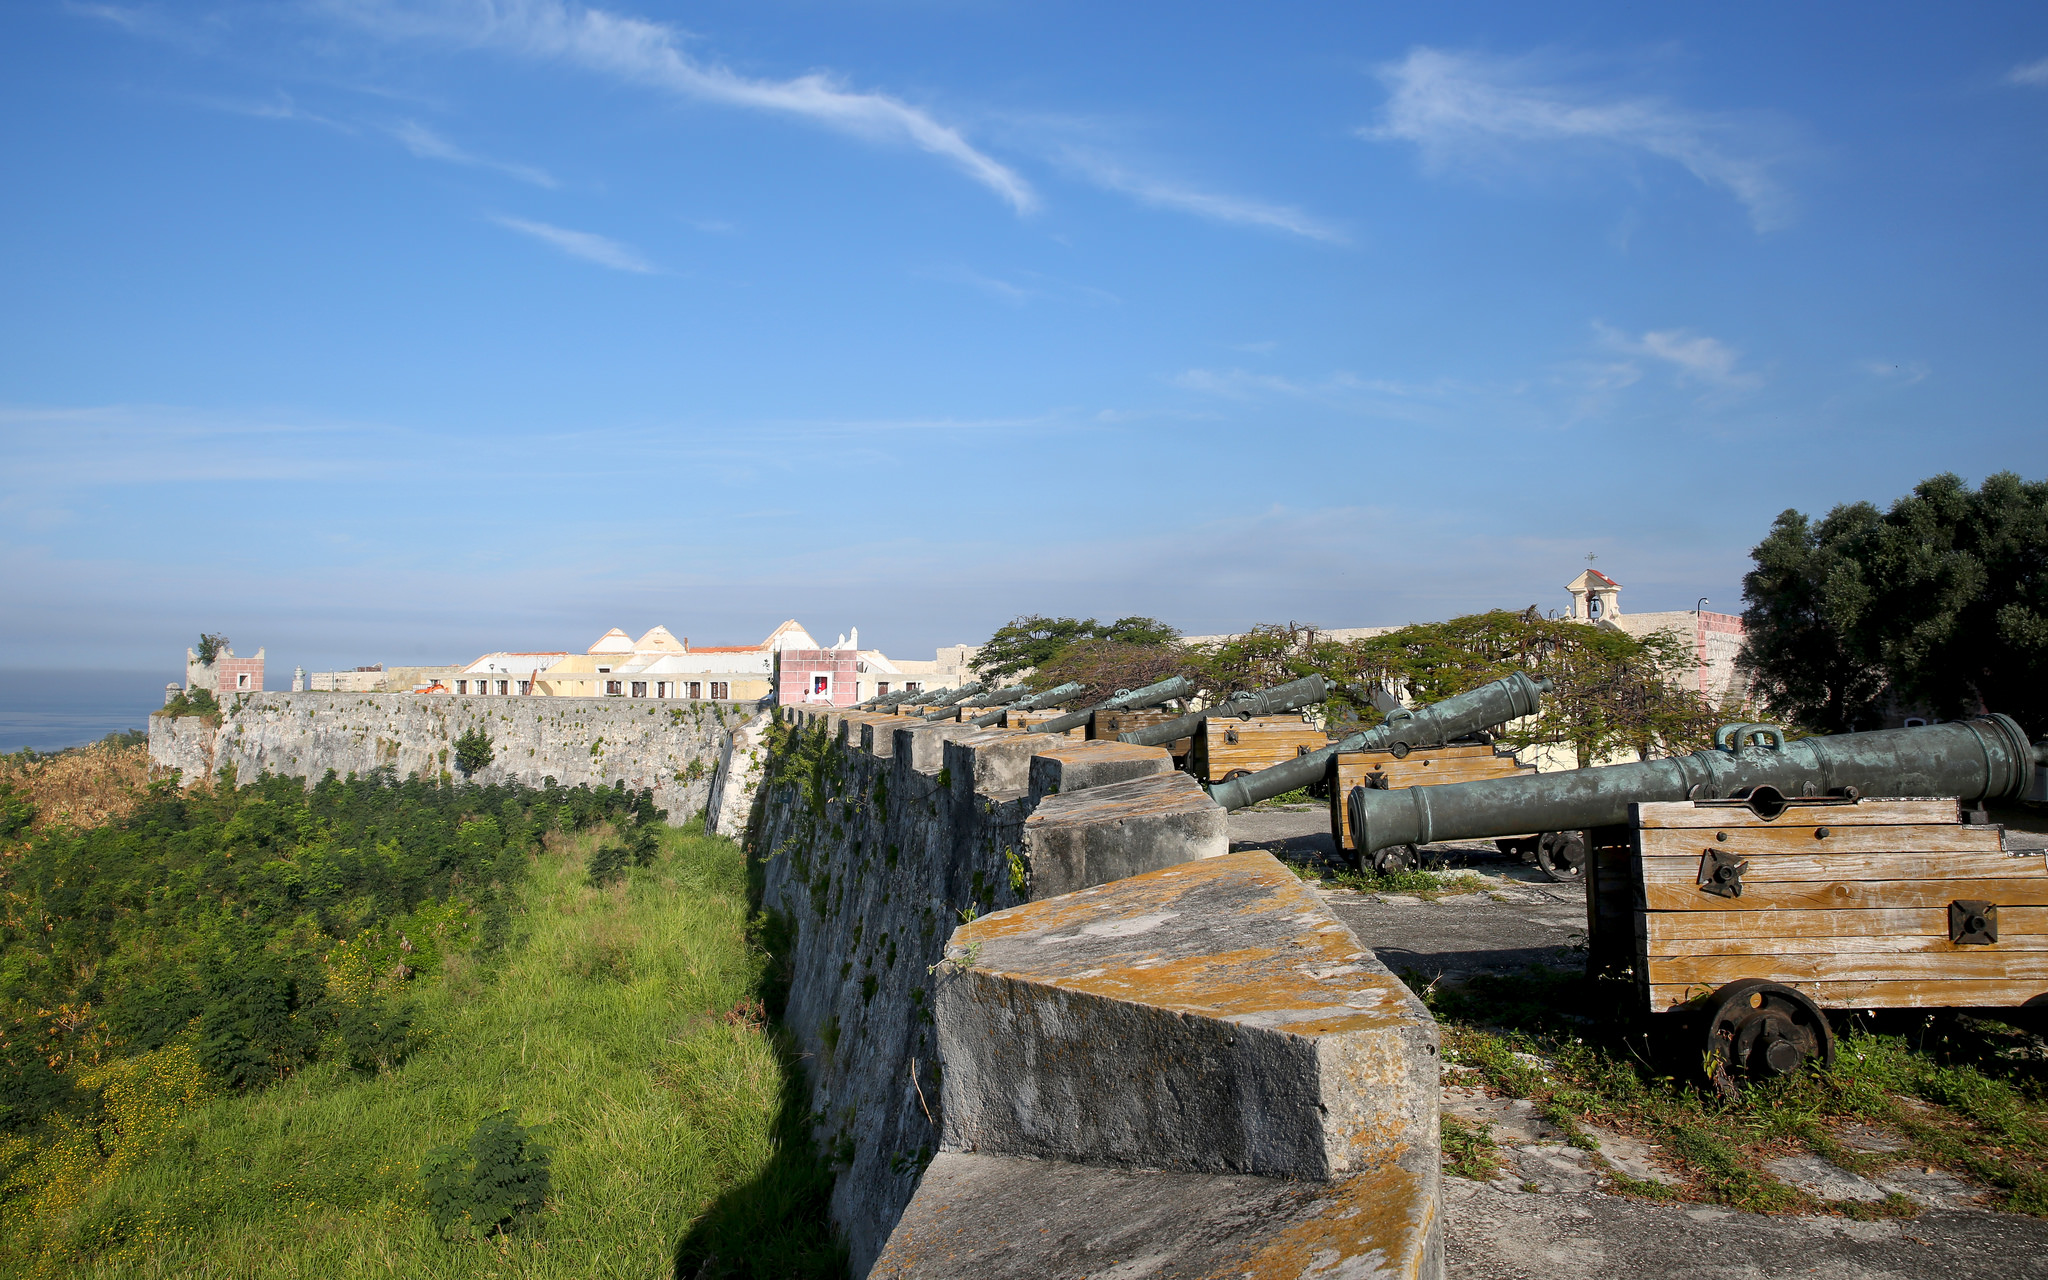 Старинные пушки на стене крепости Ла-Кабанья